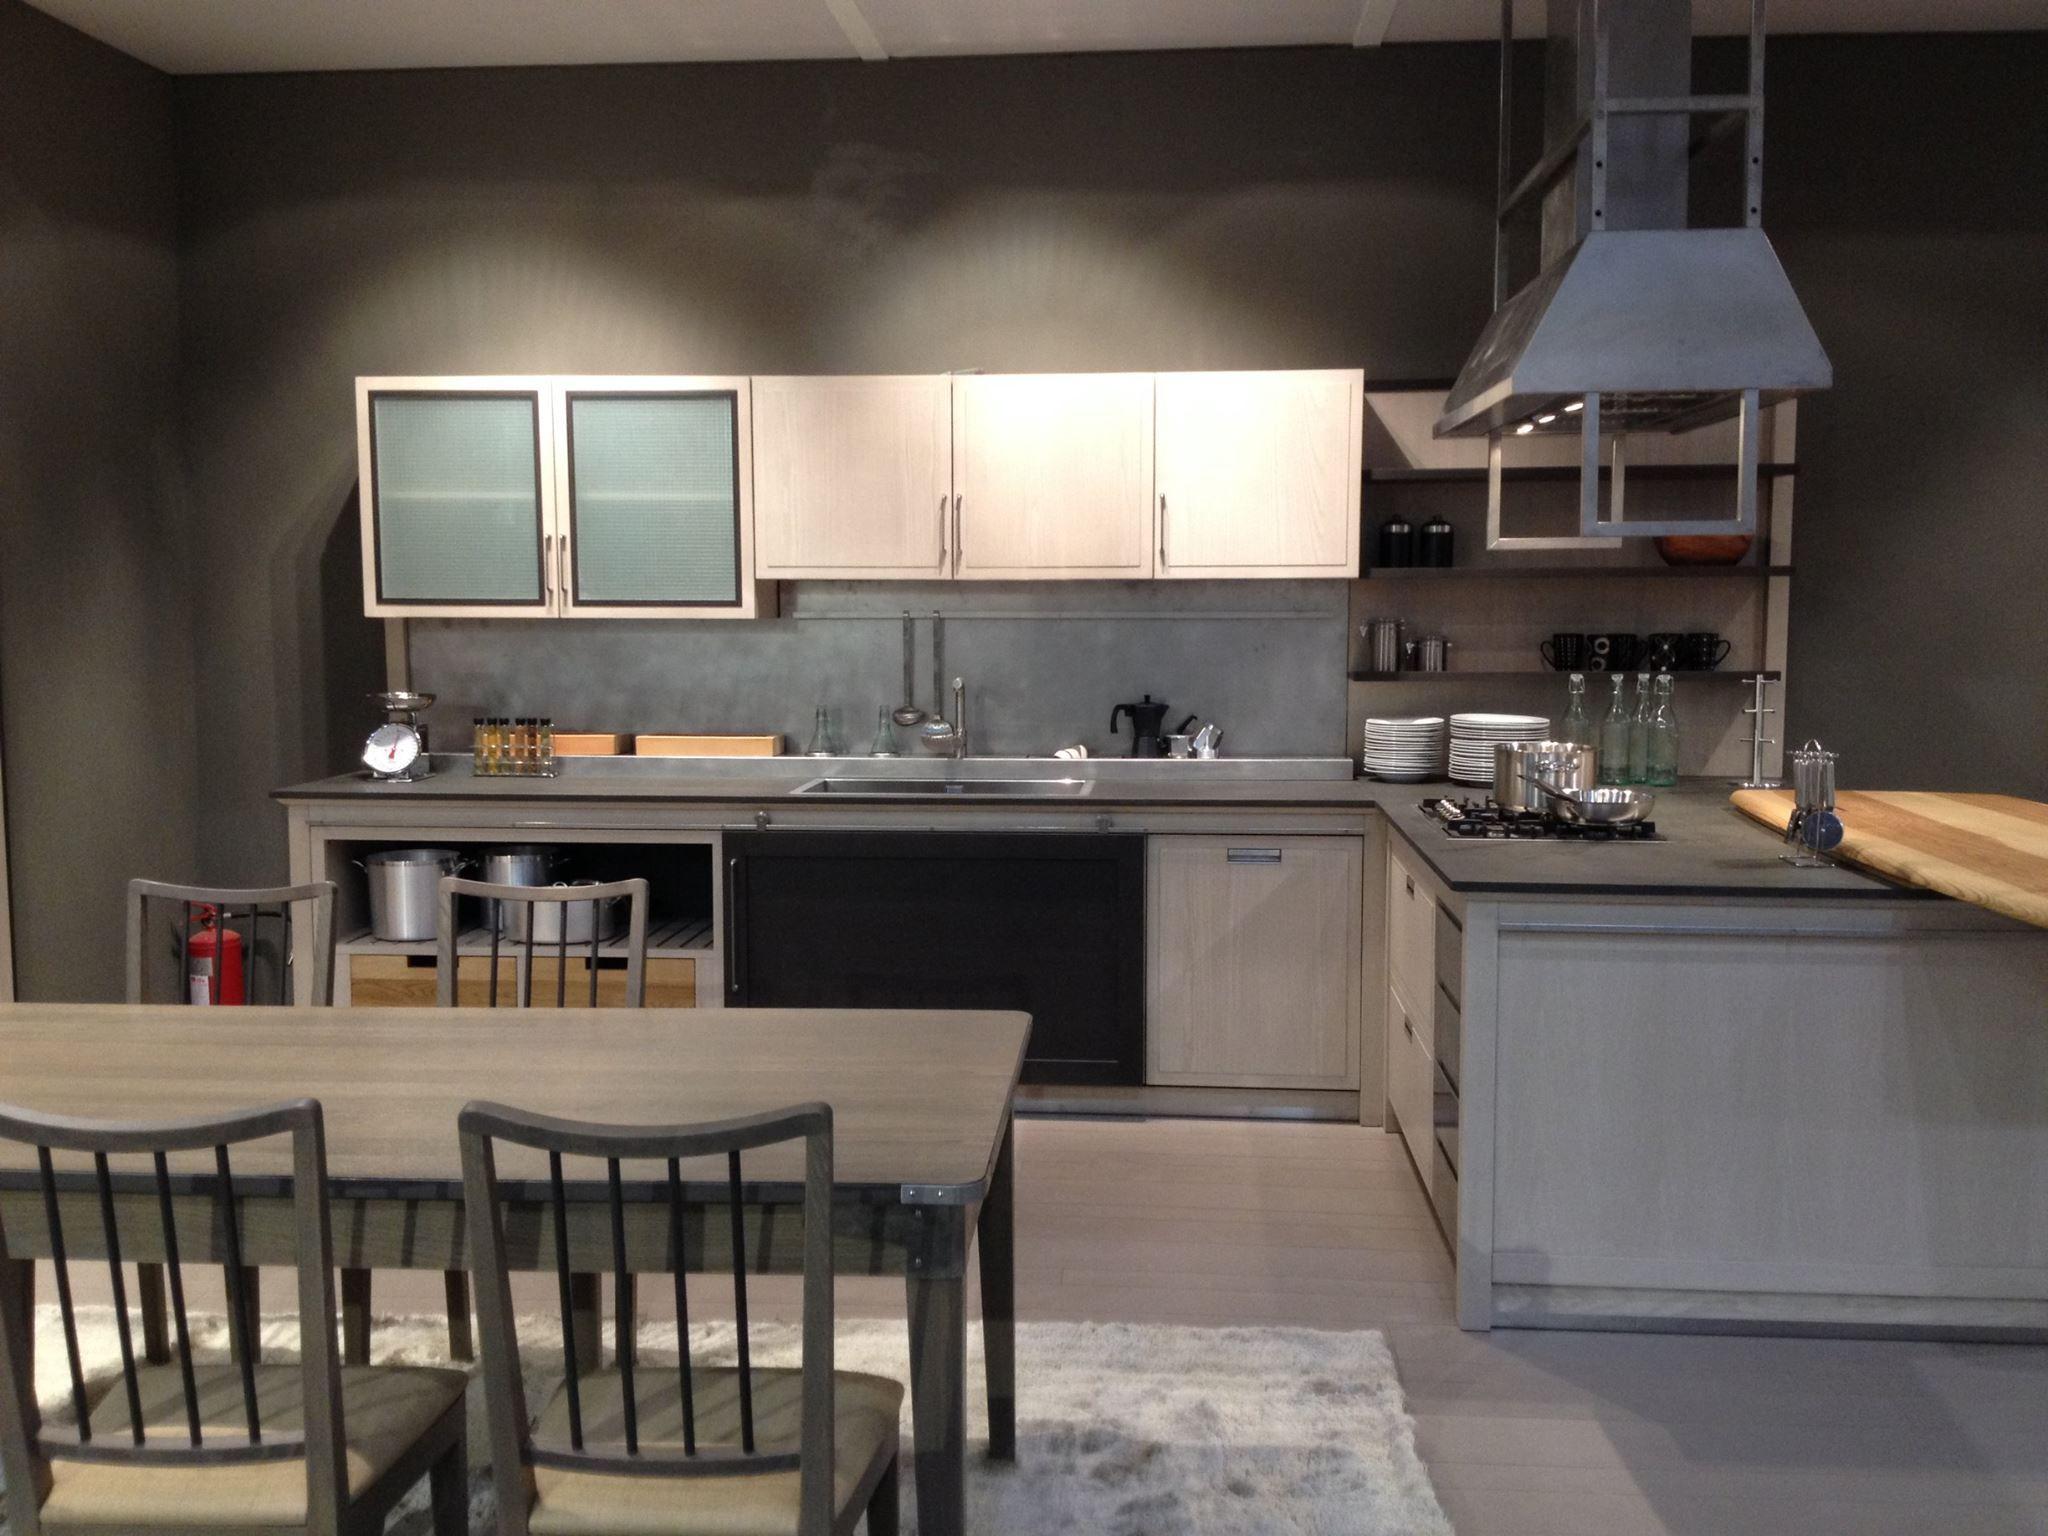 Super Cucine in stile Industrial Chic progettate su misura per le vostre DJ11